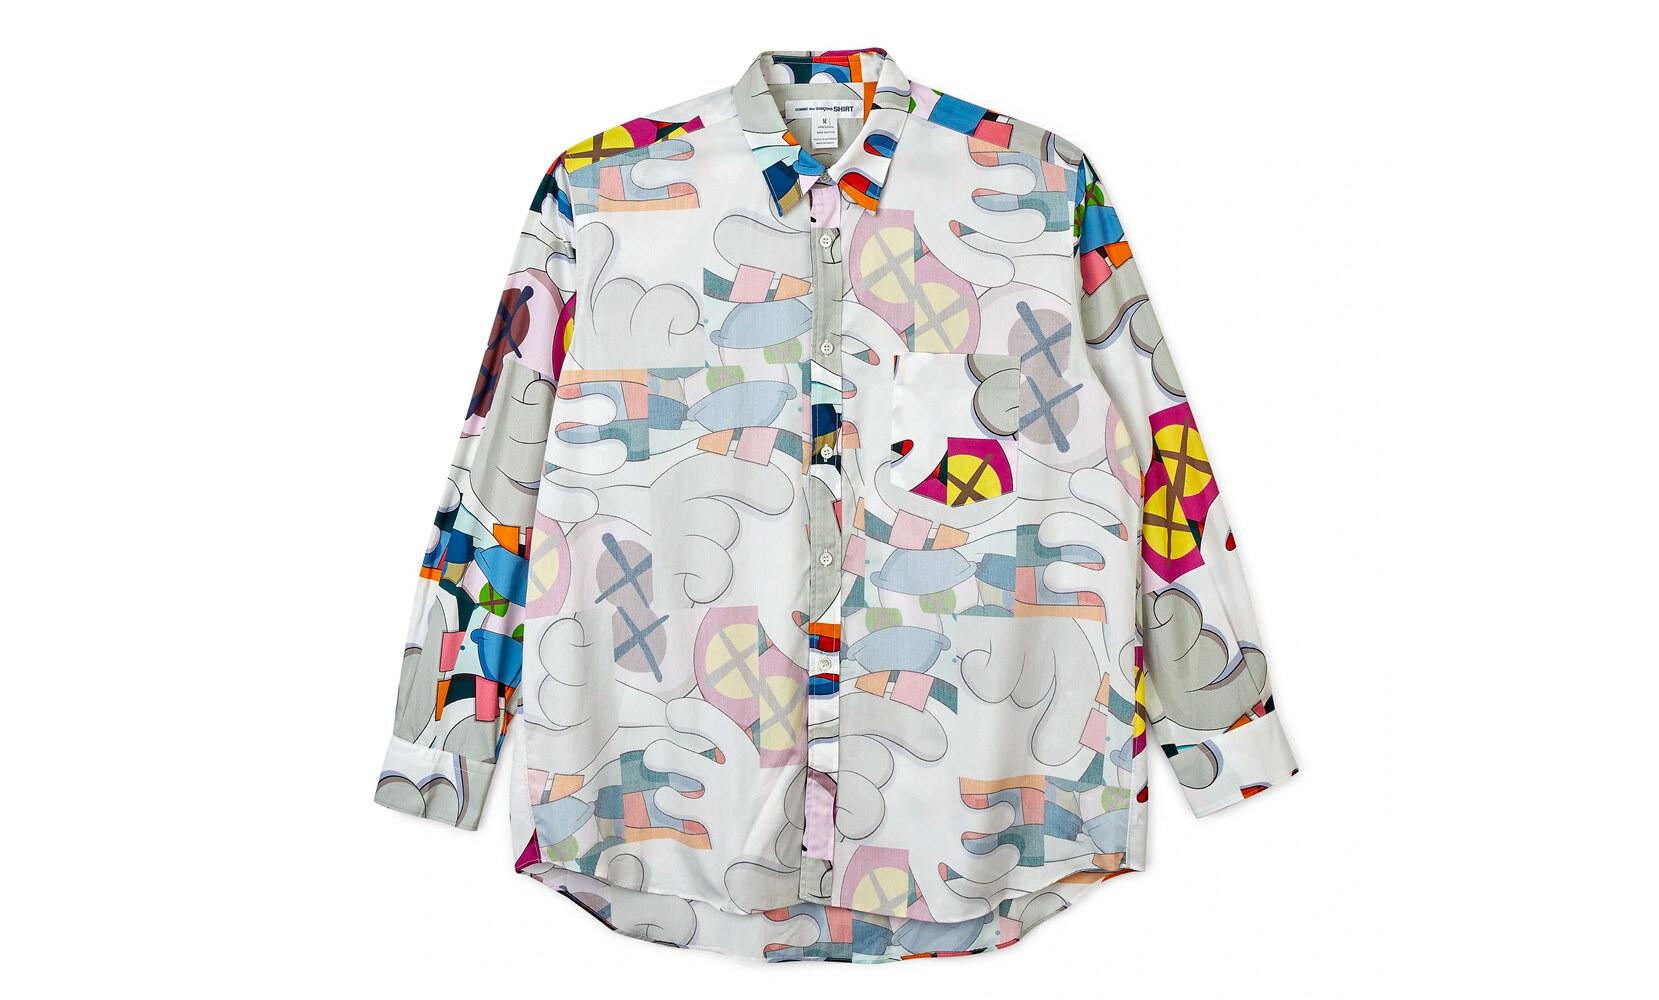 CDG Shirt x KAWS capsule collection